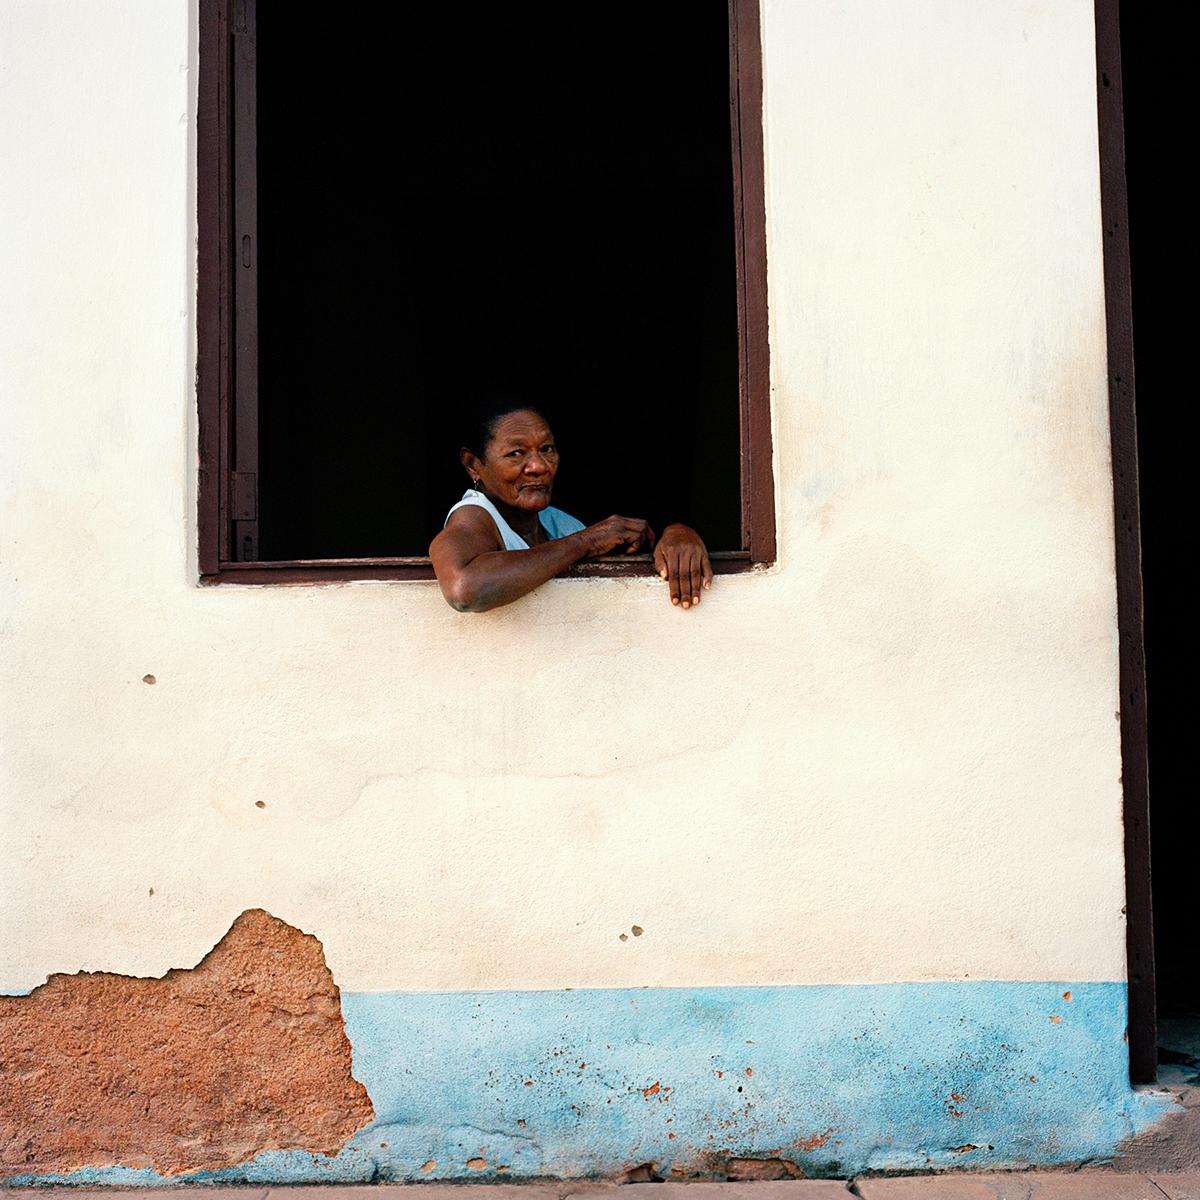 39trinidad_woman_window2.jpg